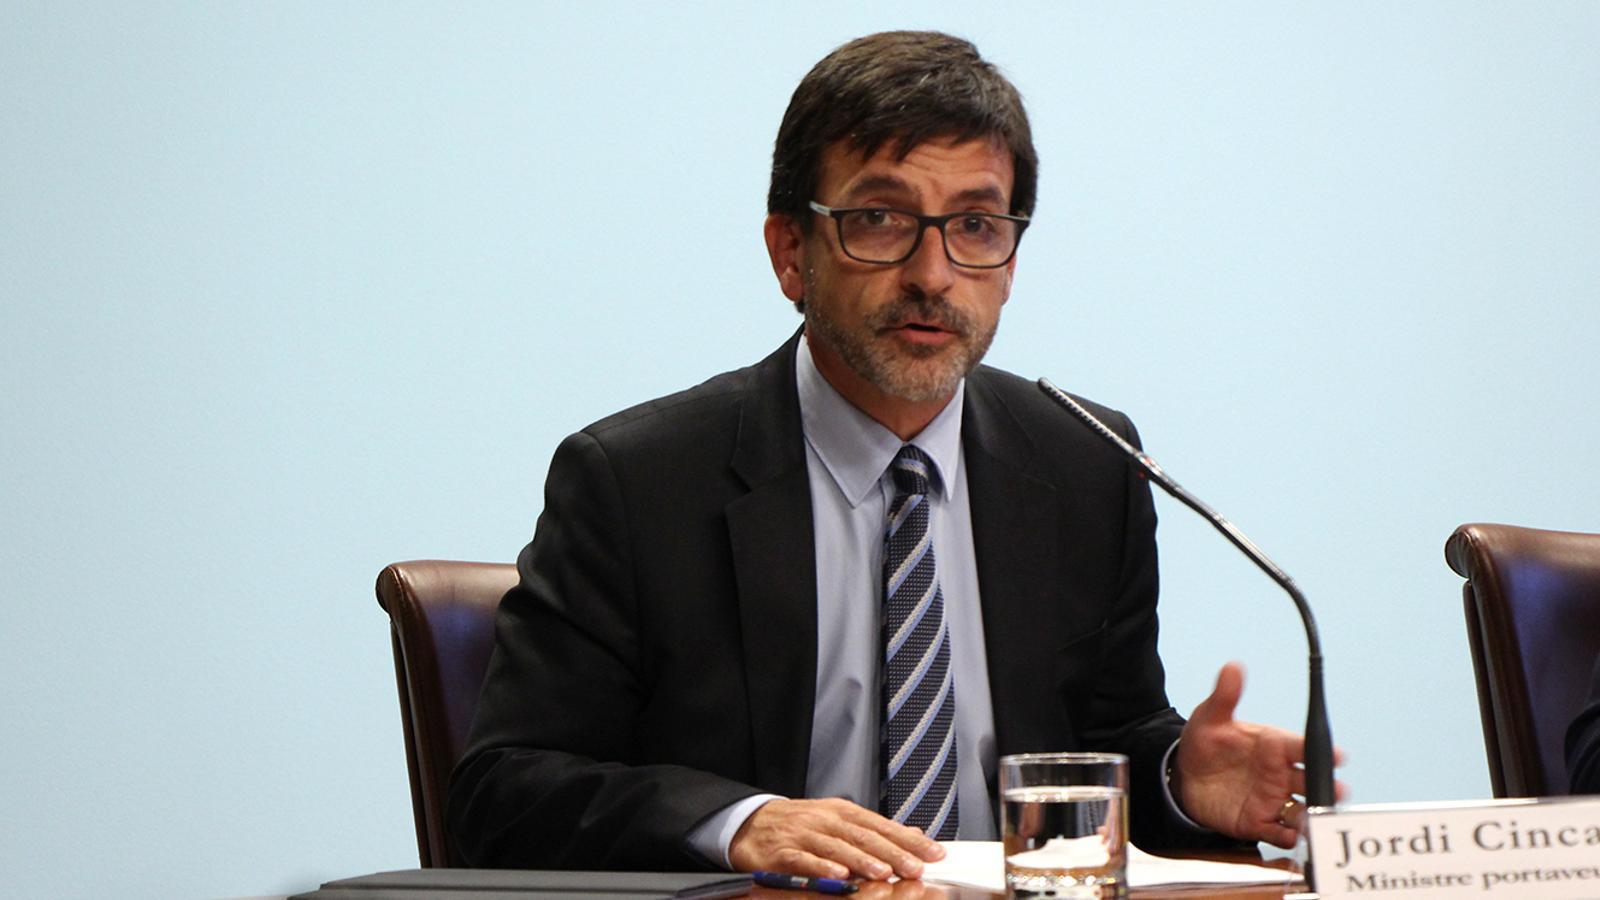 El ministre portaveu, Jordi Cinca, durant la roda de premsa posterior al consell de ministres. / M. M. (ANA)